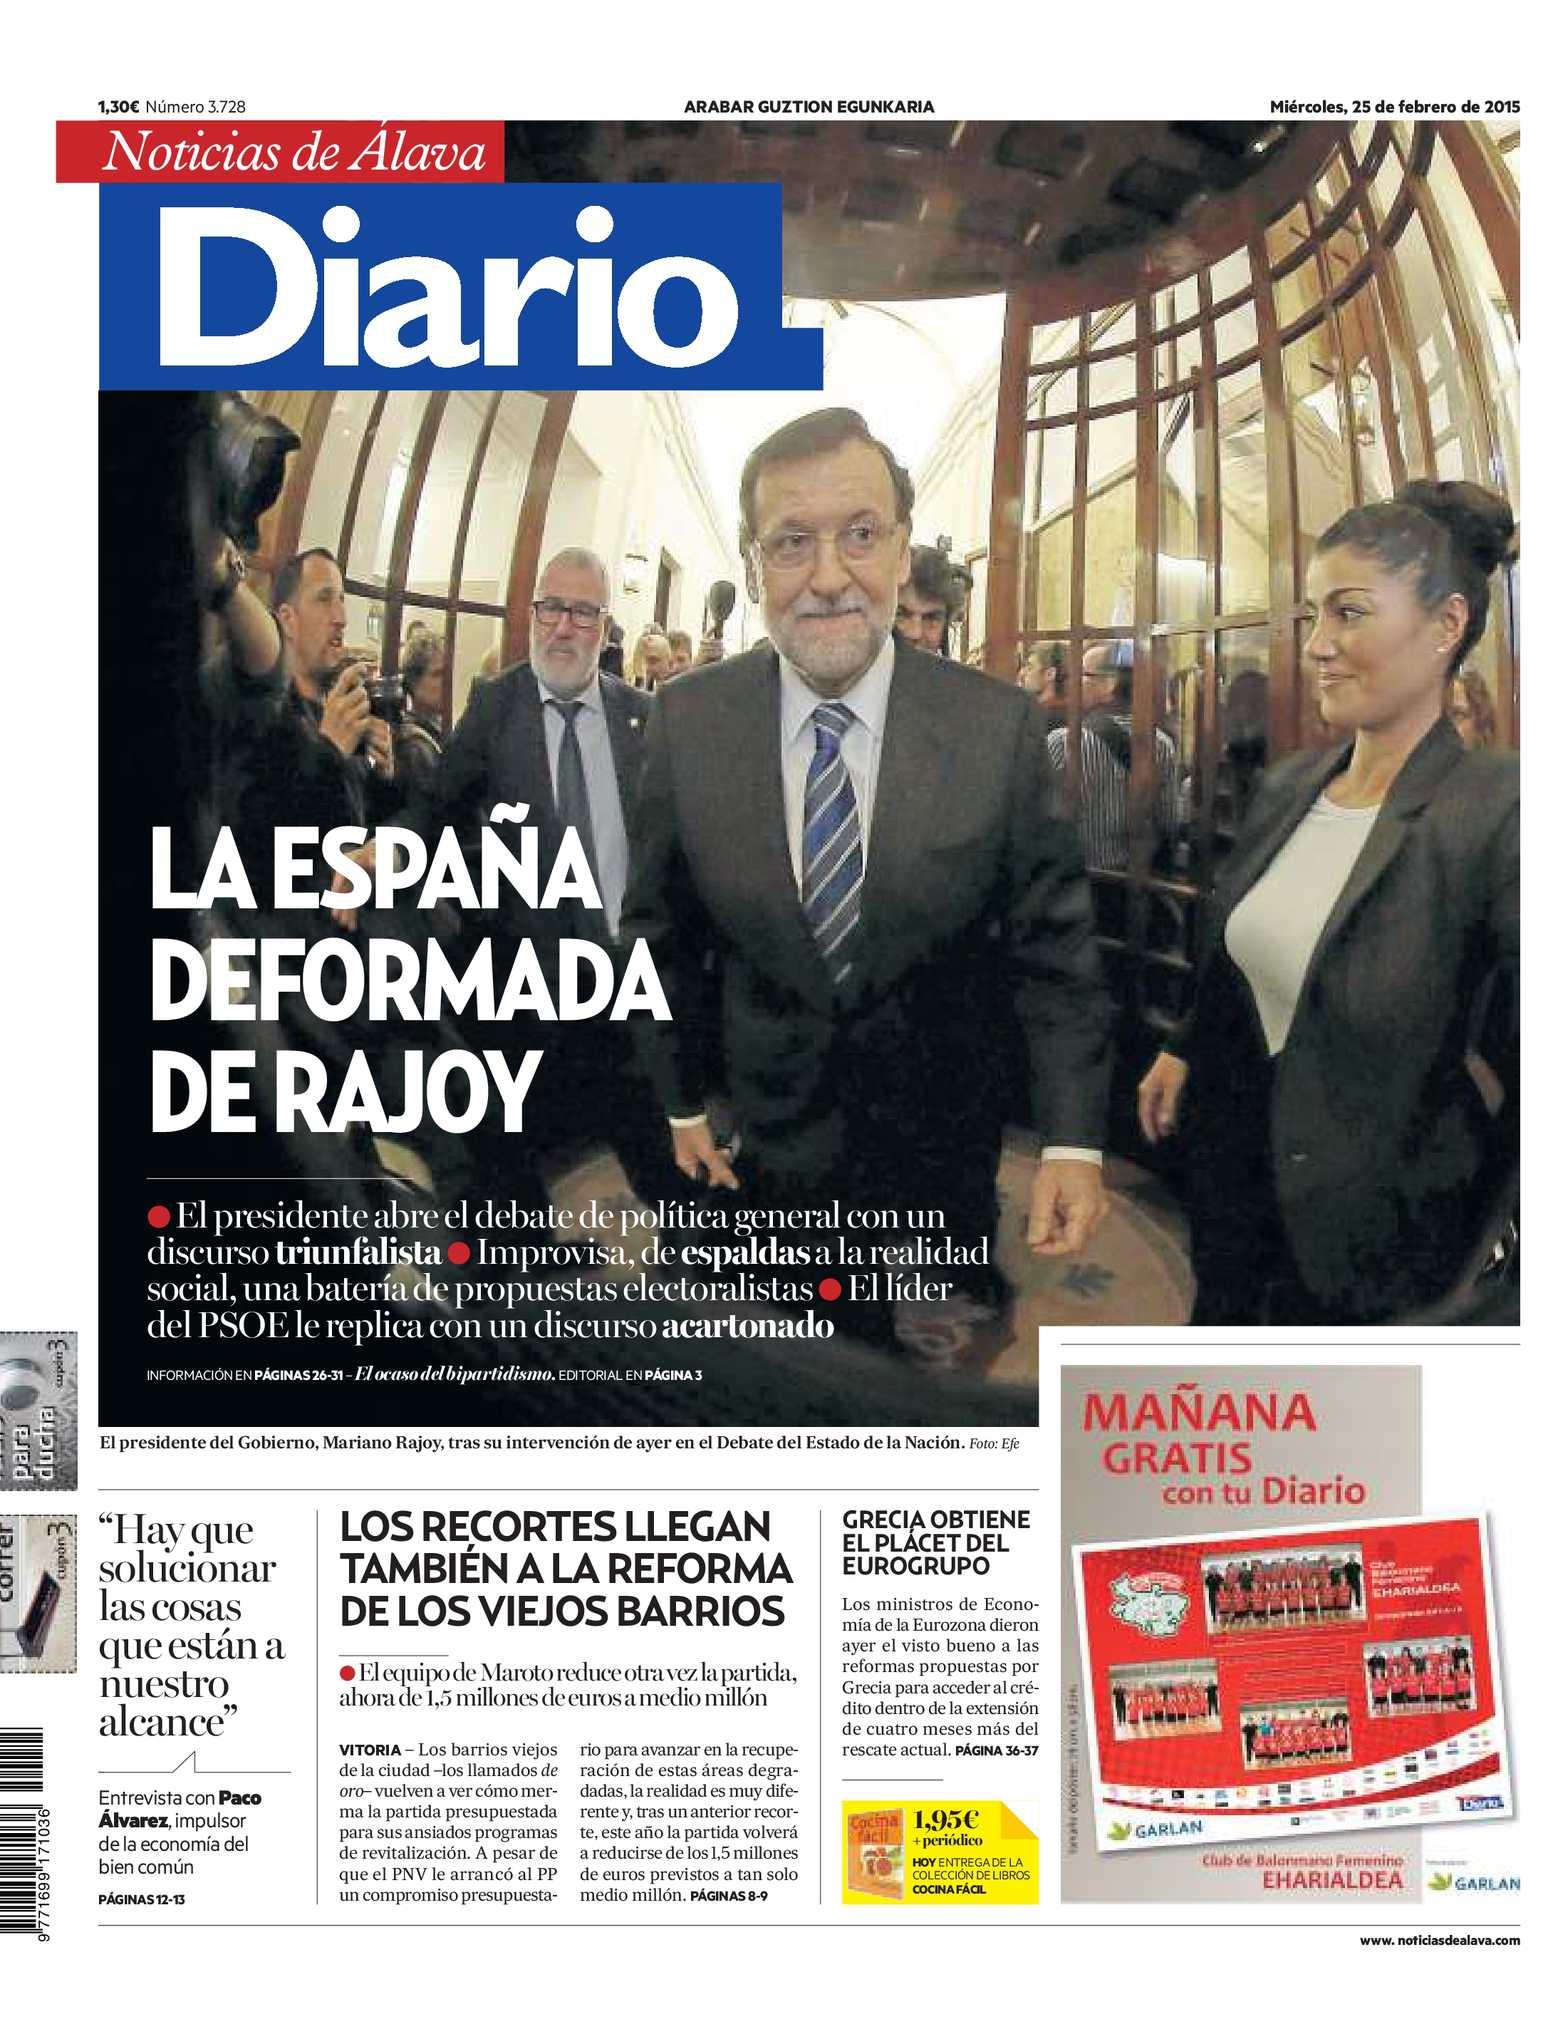 dd65eab512751 Calaméo - Diario de Noticias de Álava 20150225